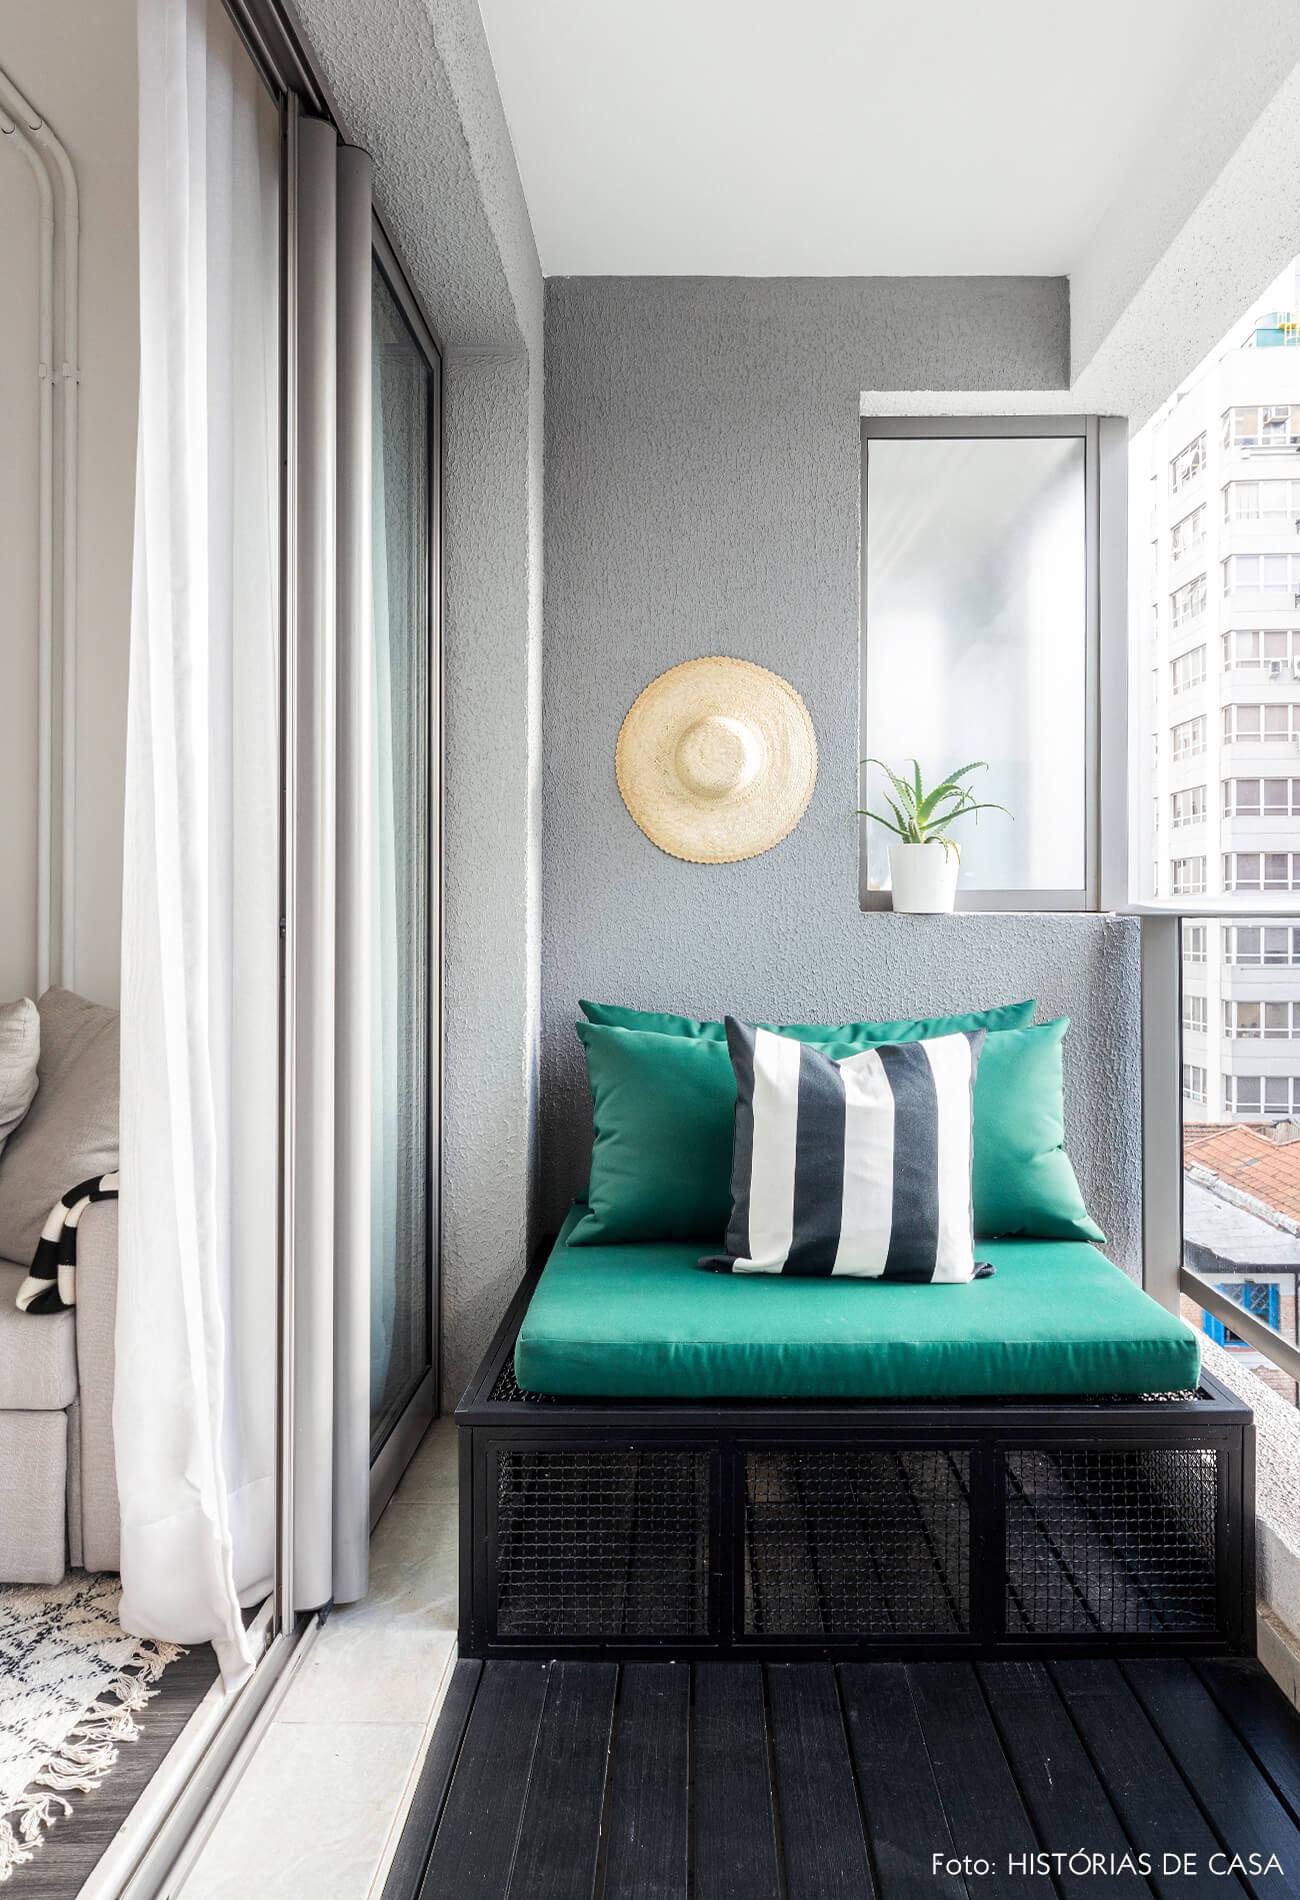 Sacada com almofadas verdes parede cinza e piso de madeira escura